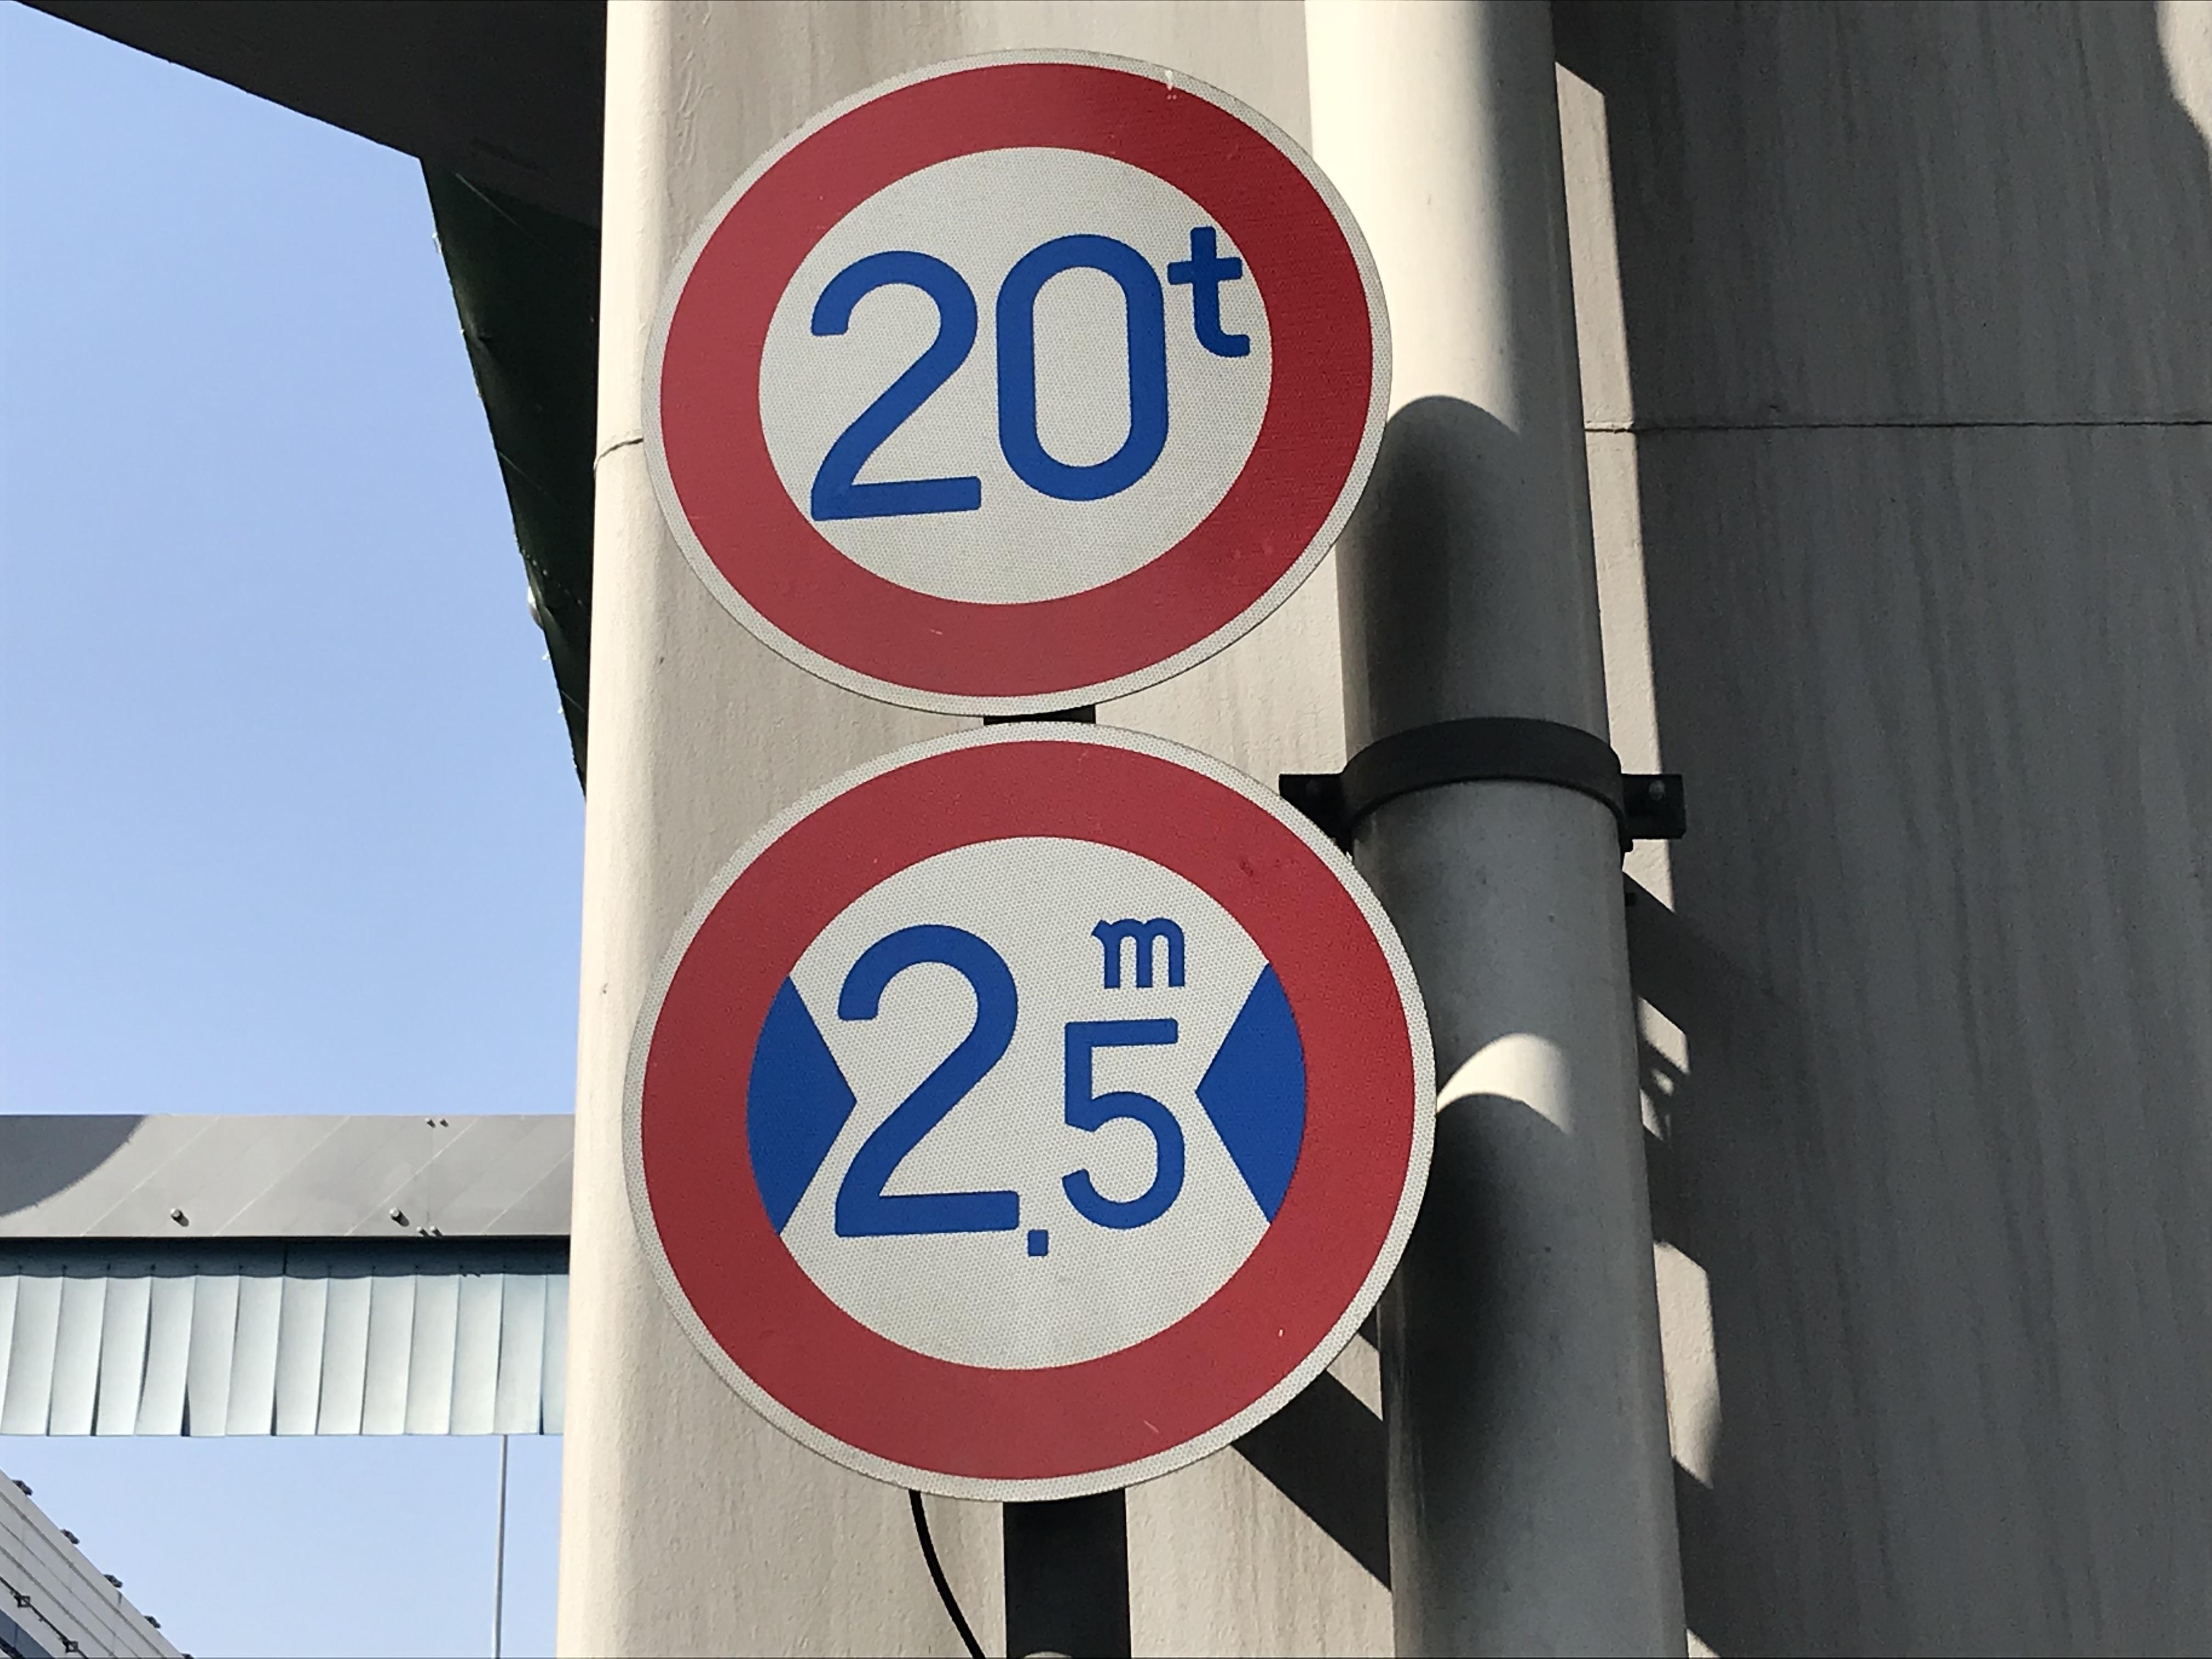 重量制限 20t 最大幅 2.5m 標識 過積載